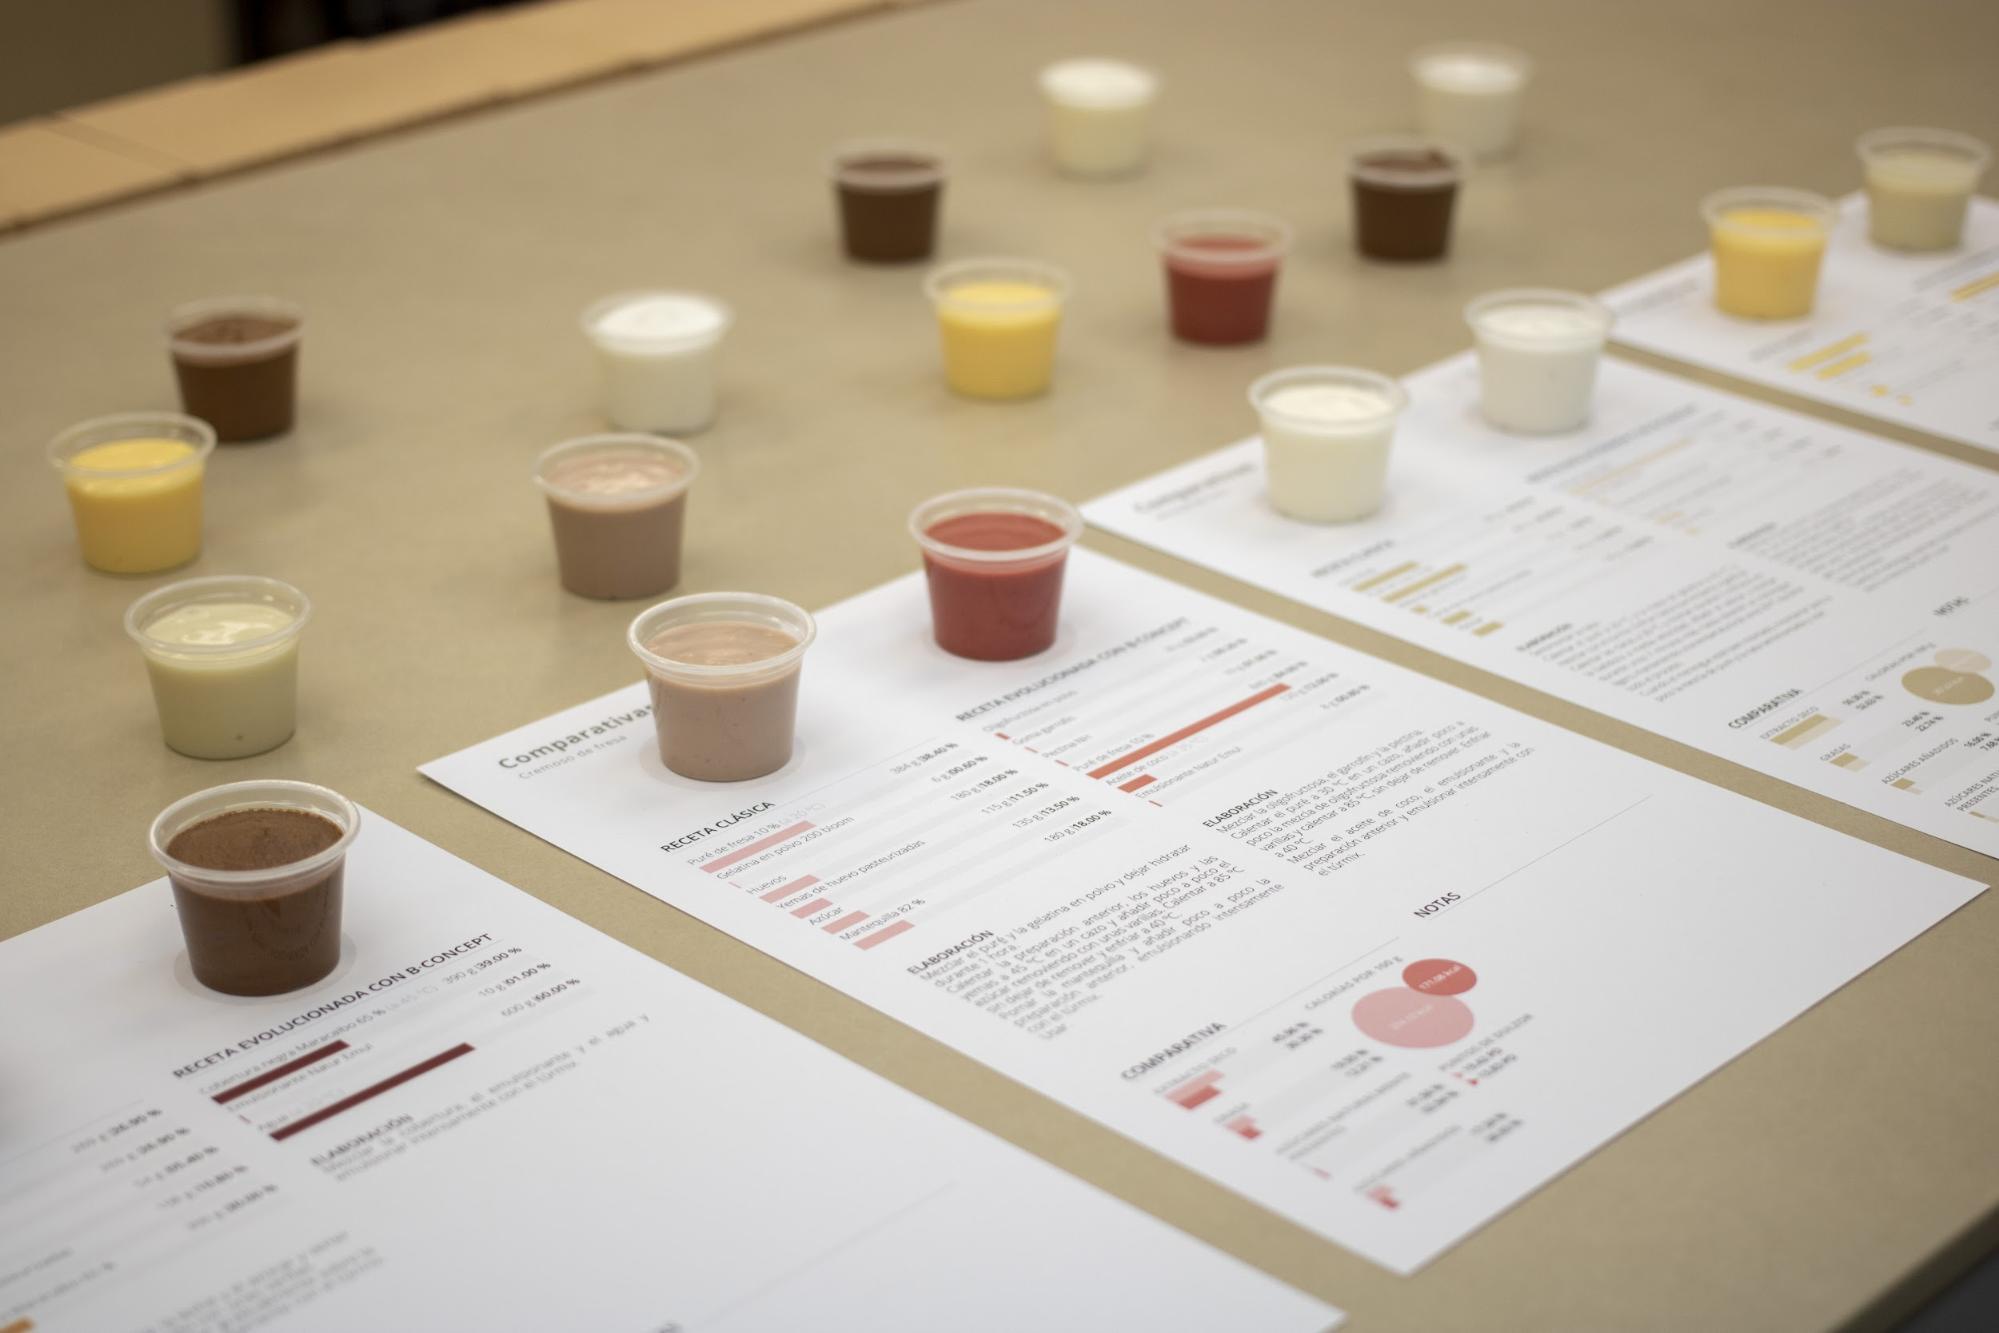 Una muestra de las comparativas de sabores y recetas en B Concept, el método de formación de Jordi Bordas